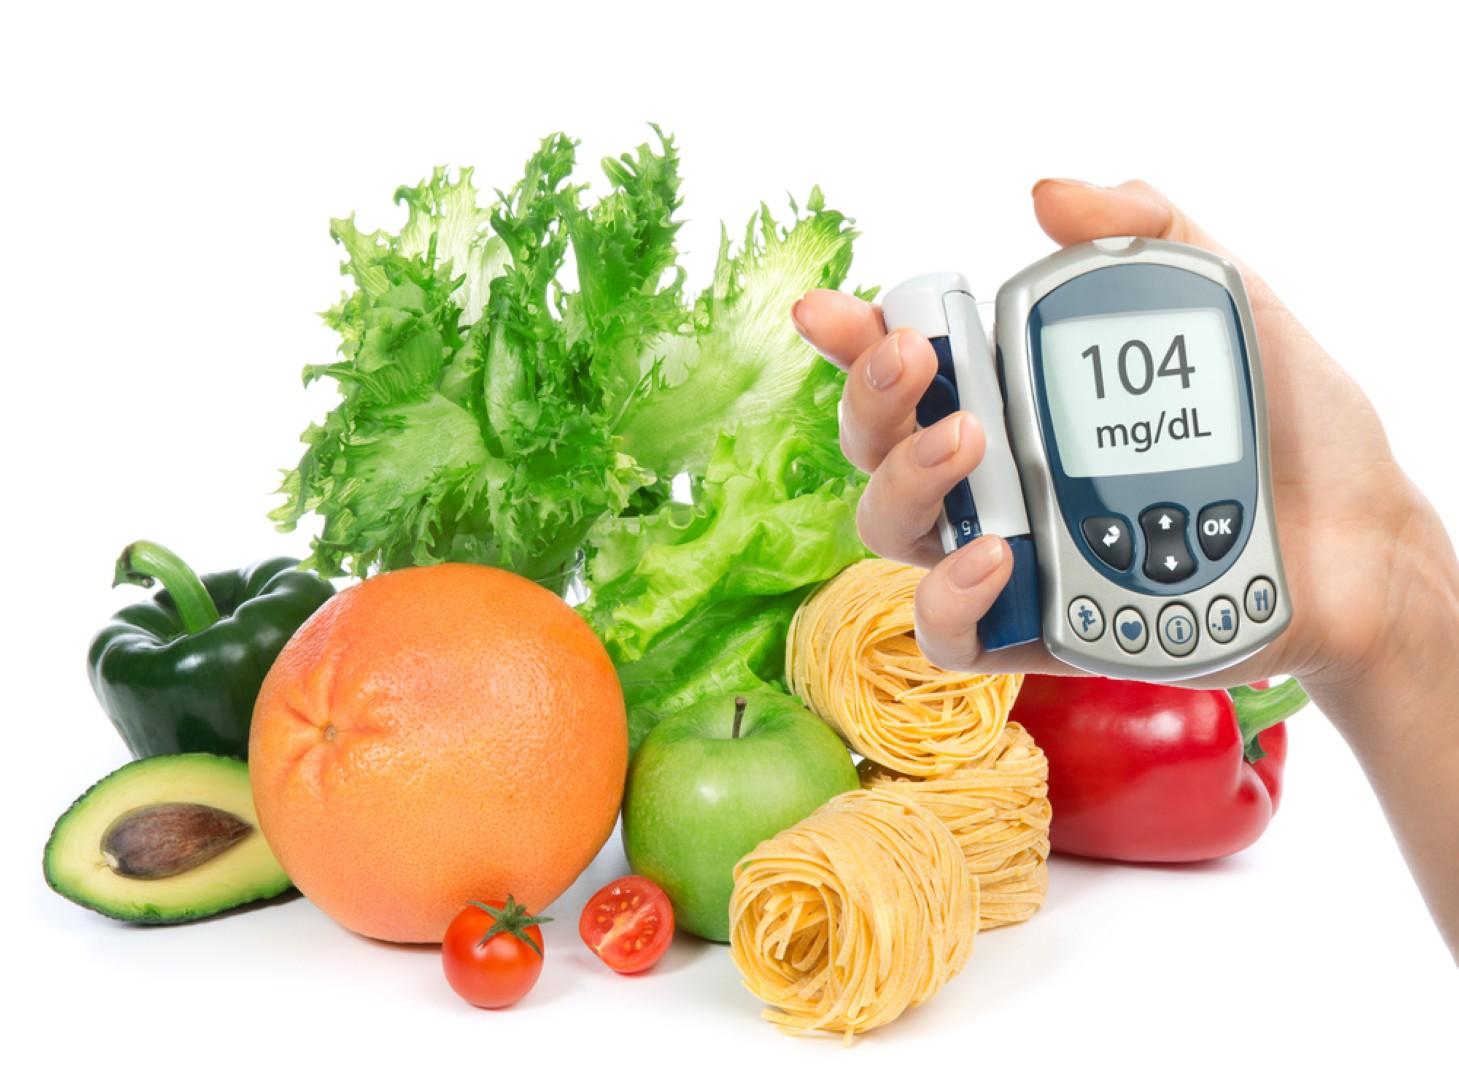 importância-da-alimentação-saudável-2